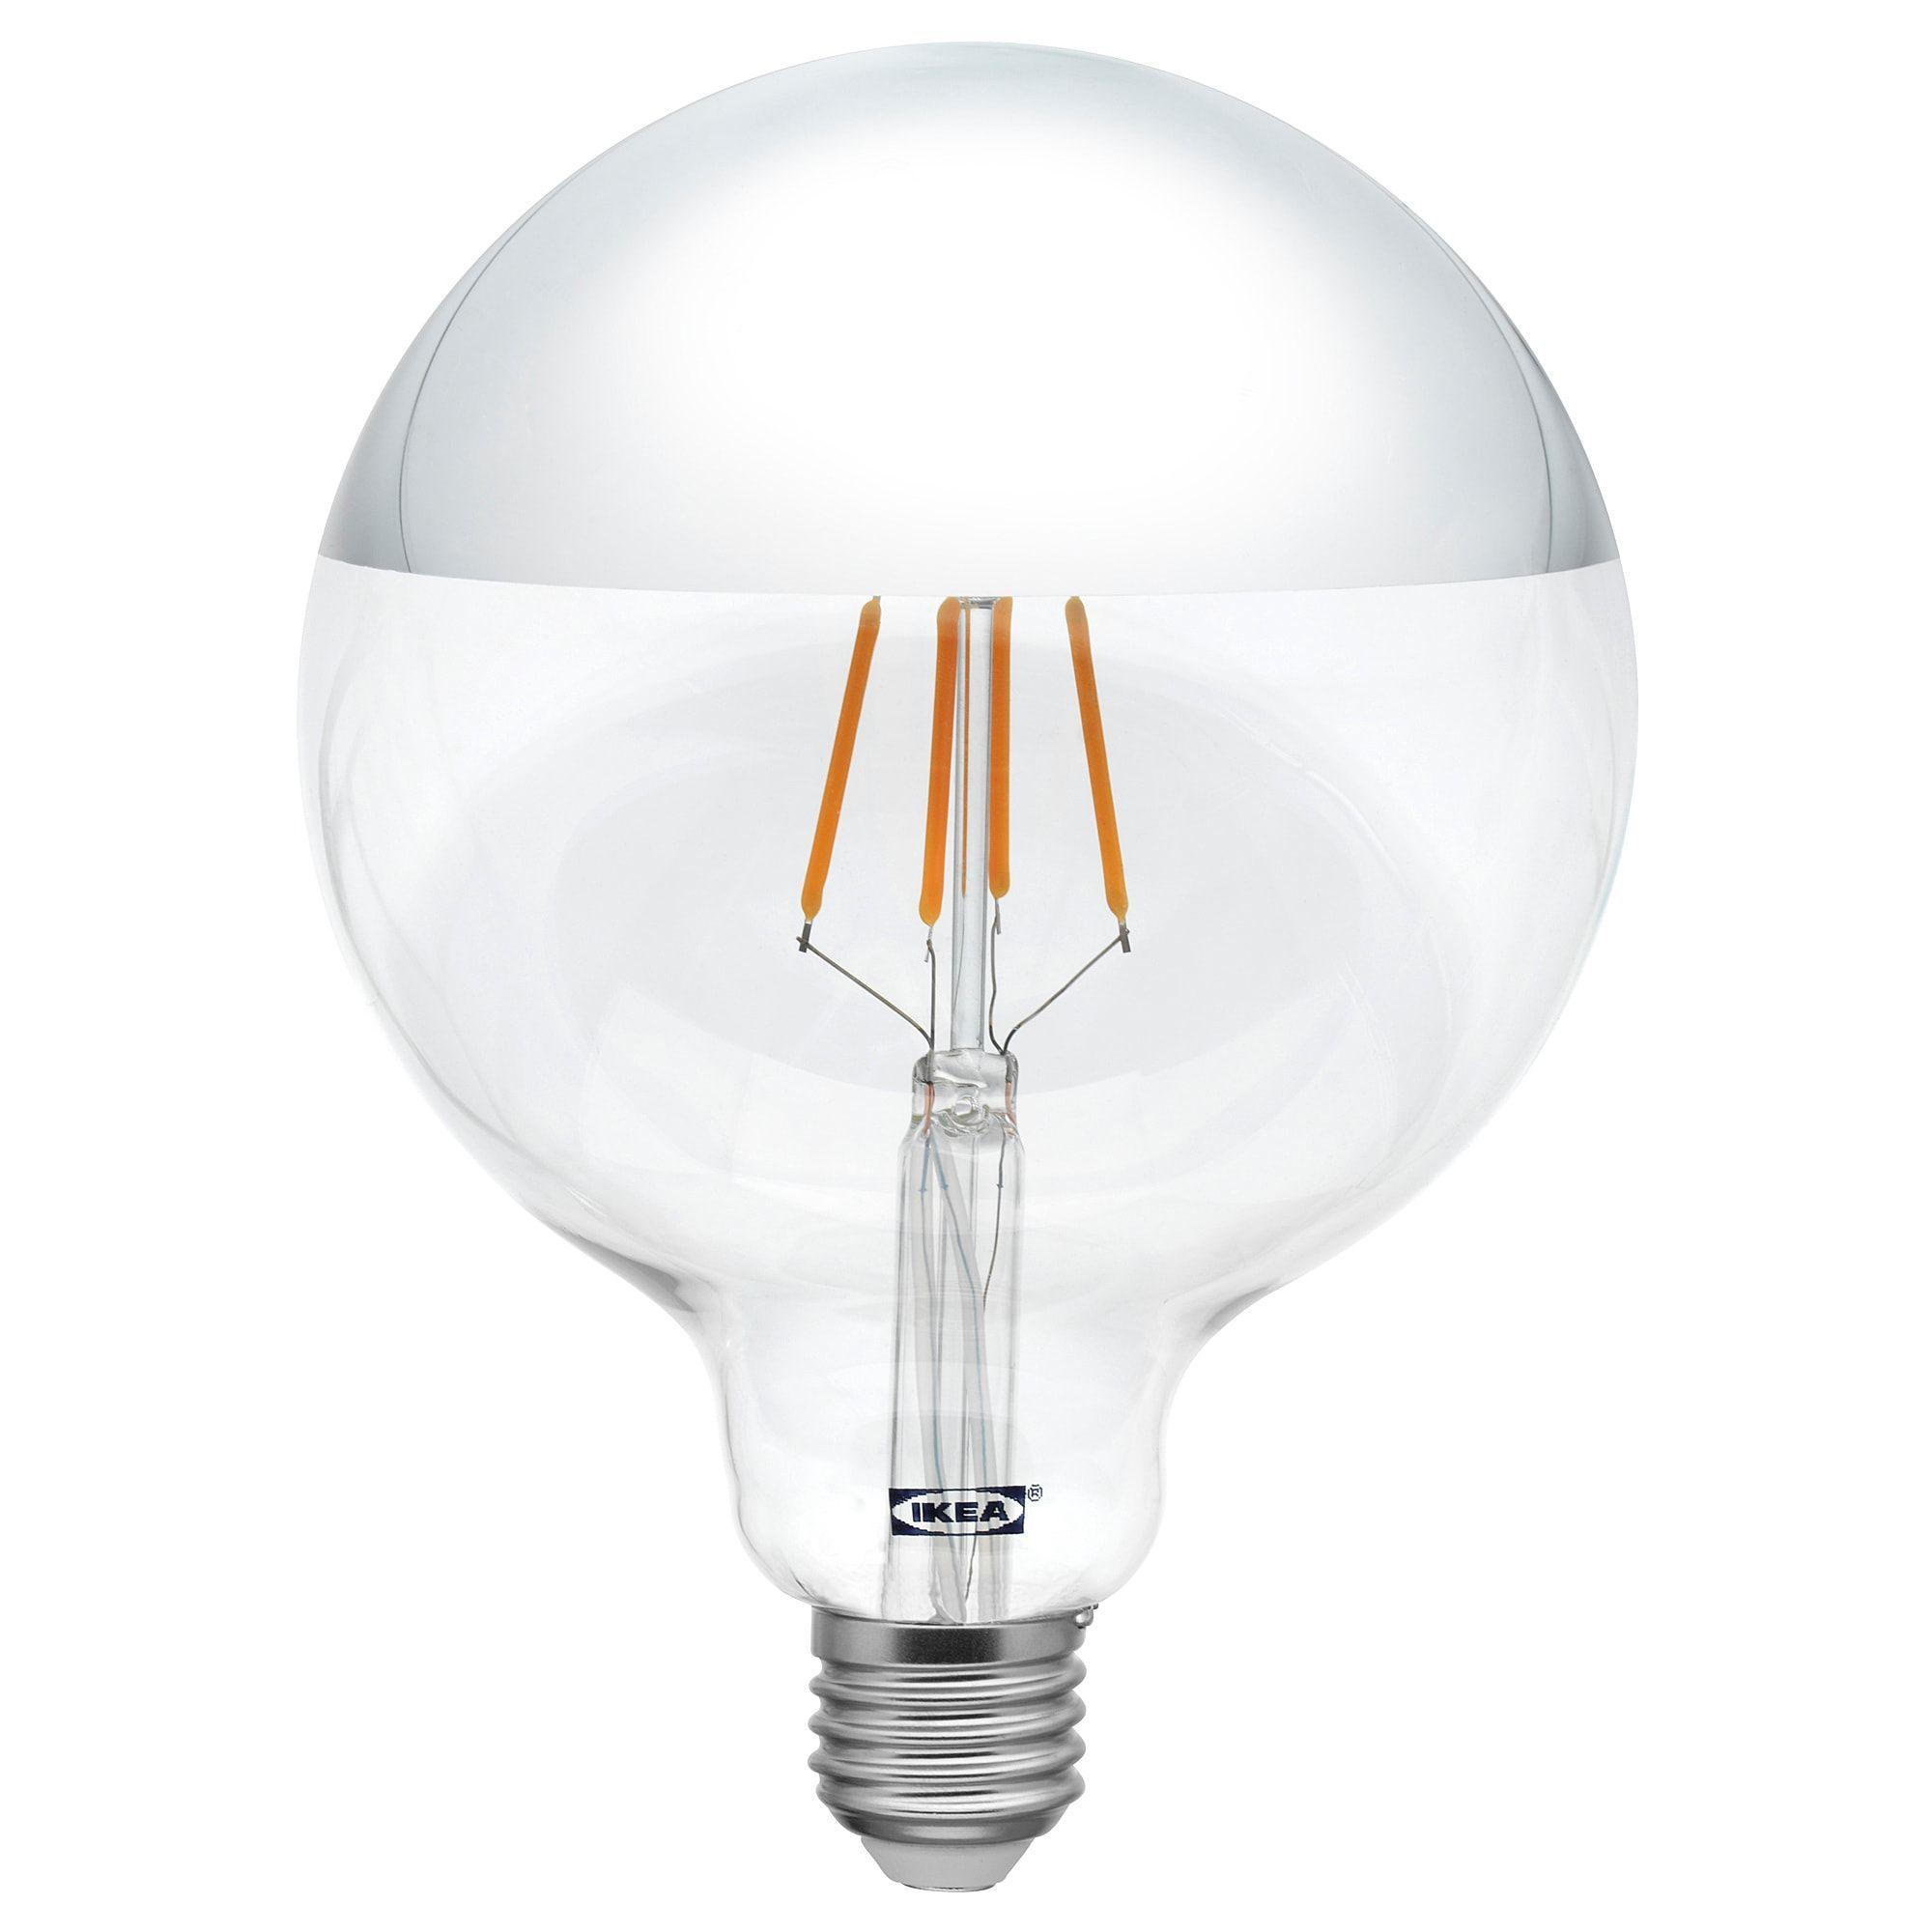 Sillbo Led Leuchtmittel E27 370 Lm Rund Kopfverspiegelt Silberfarben Ikea Deutschland Led Leuchtmittel Leuchtmittel E27 Und Leuchtmittel